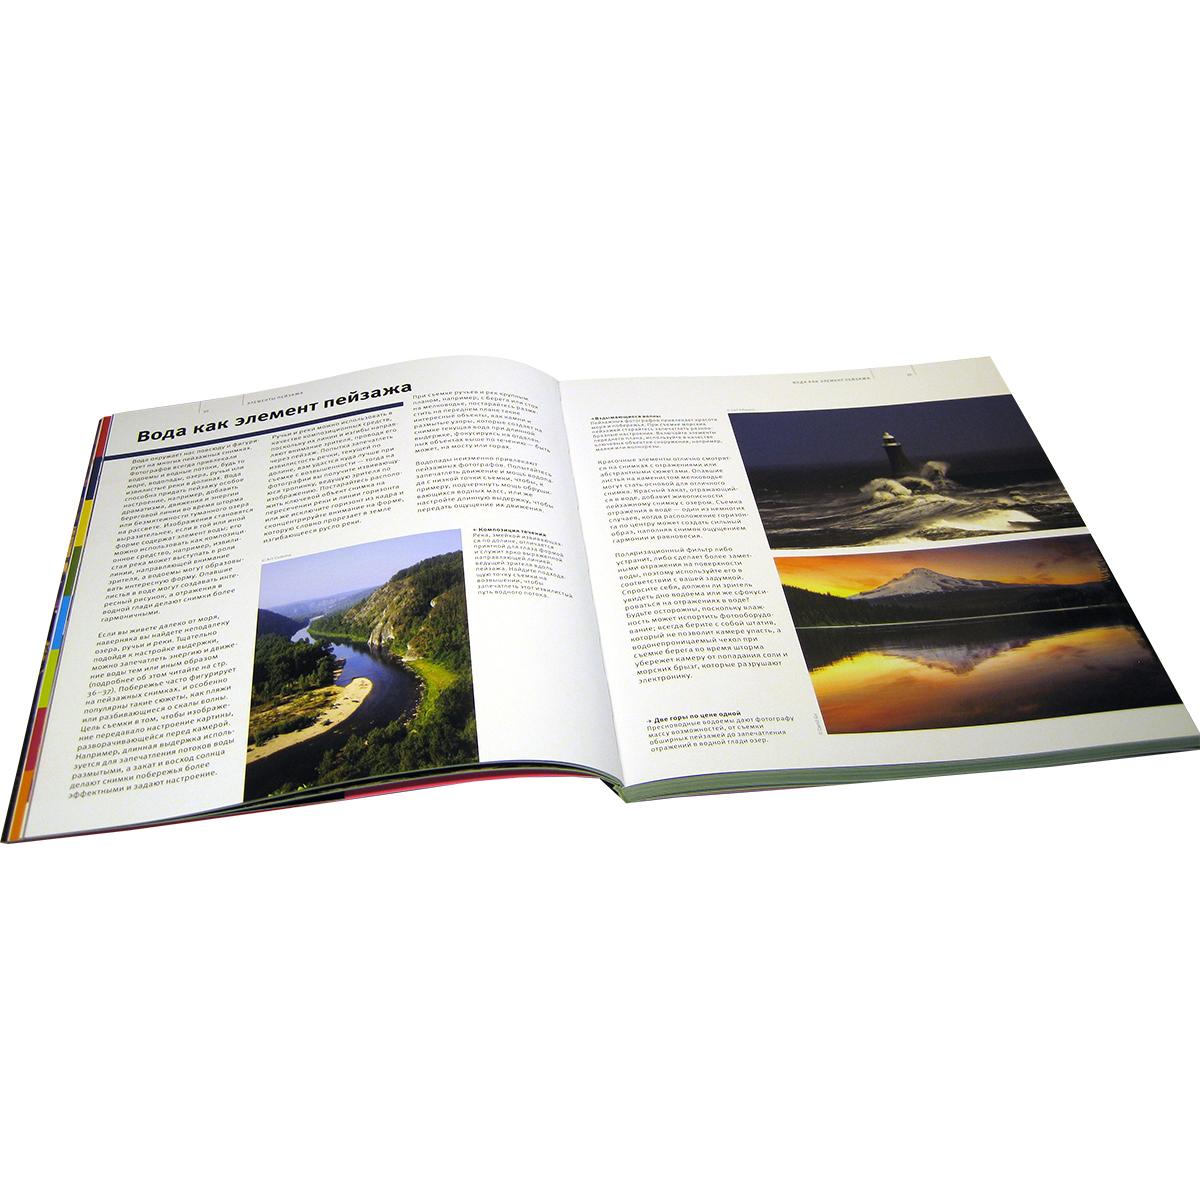 Школа фотографии Майкла Фримана. Продвинутый курс (комплект из 4 книг)